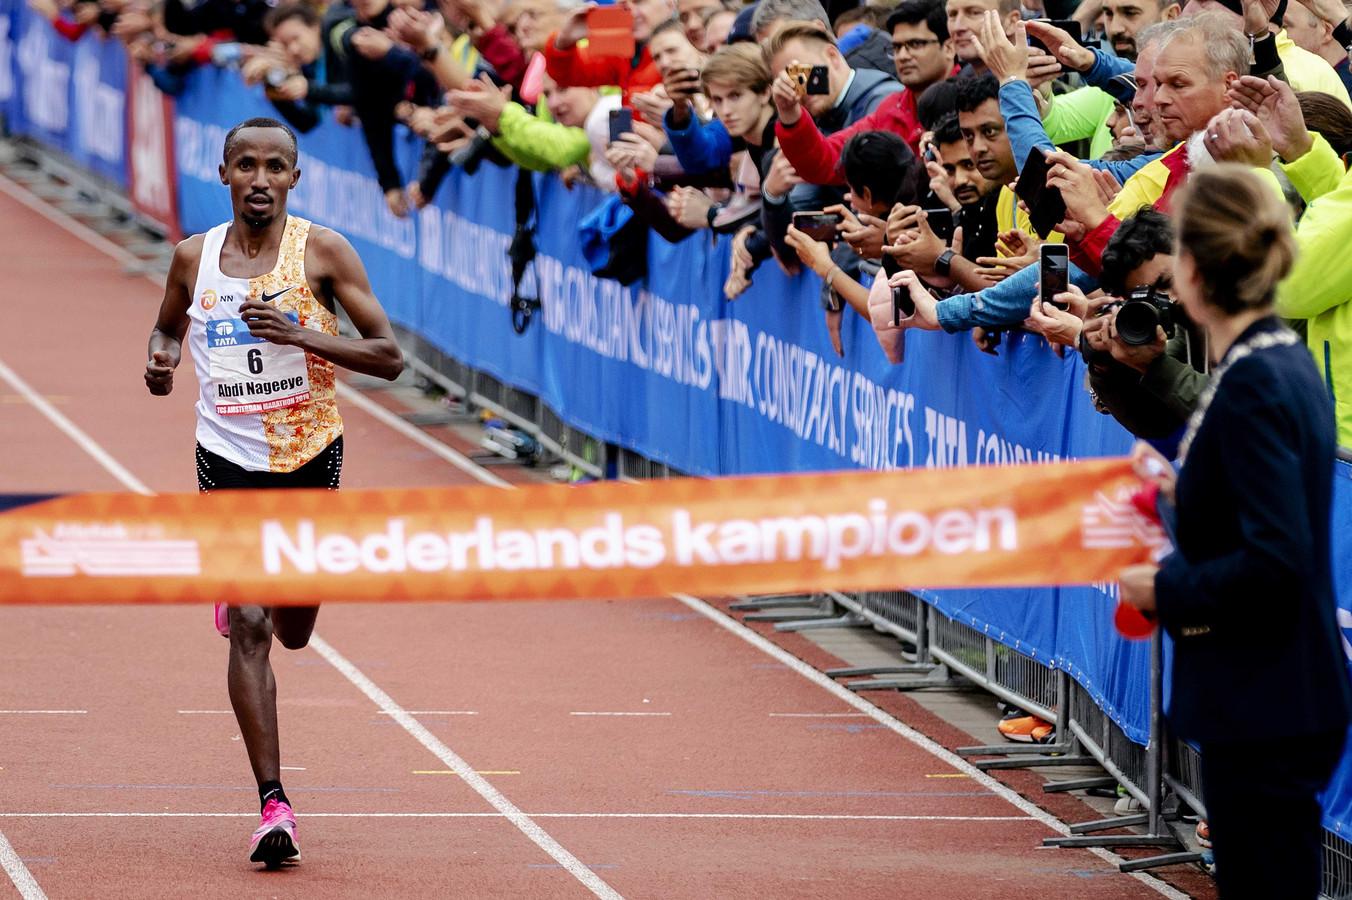 Abdi Nageeye komt als eerste Nederlander over de finish en is daarmee Nederlands kampioen op de Amsterdam Marathon.